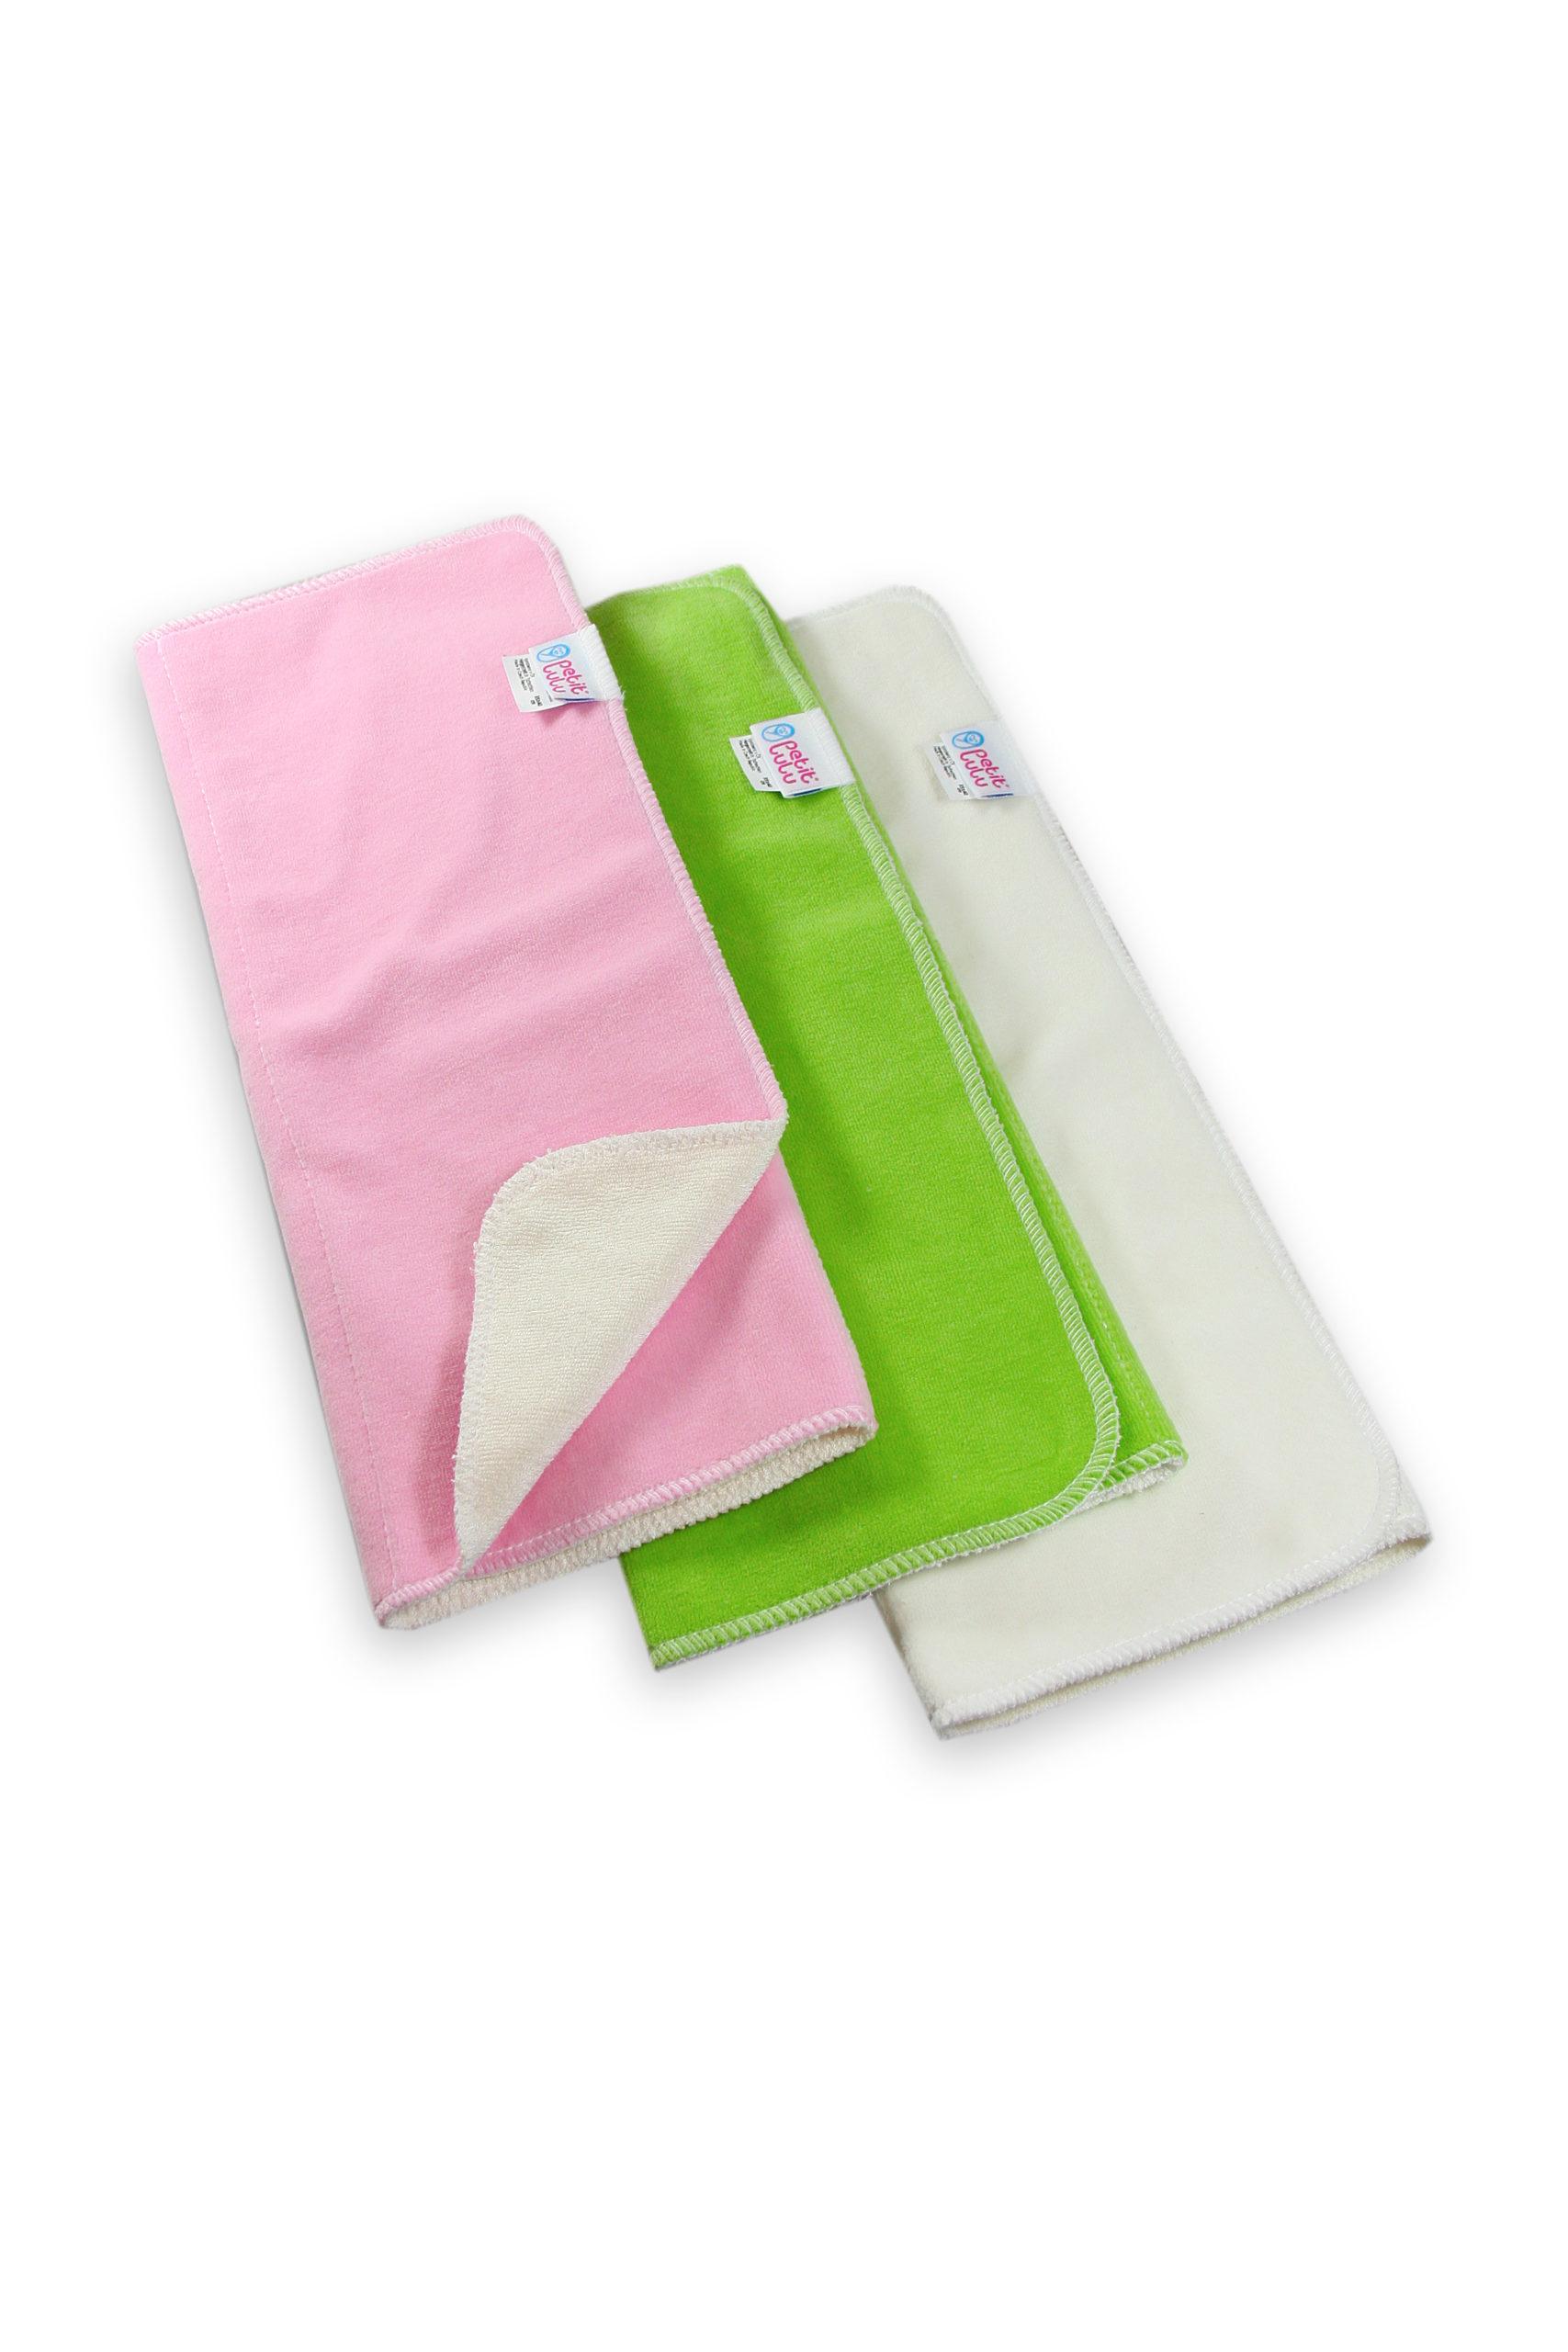 Pré-dobradas Pack 3 - Petit Lulu